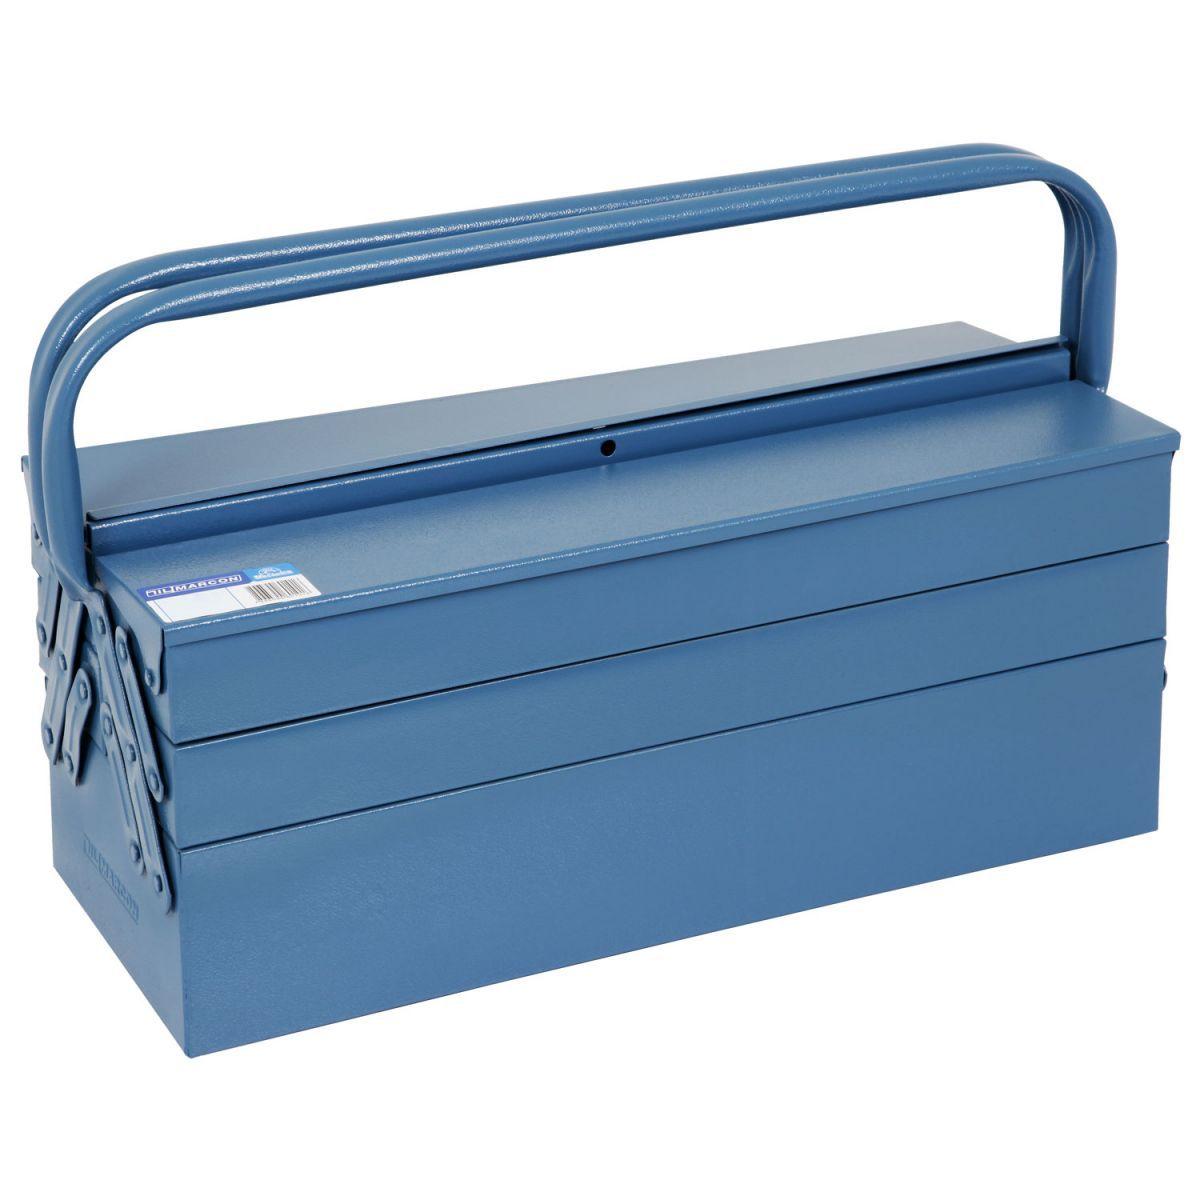 Caixa de Ferramentas com 5 Gavetas Azul 540 - Marcon